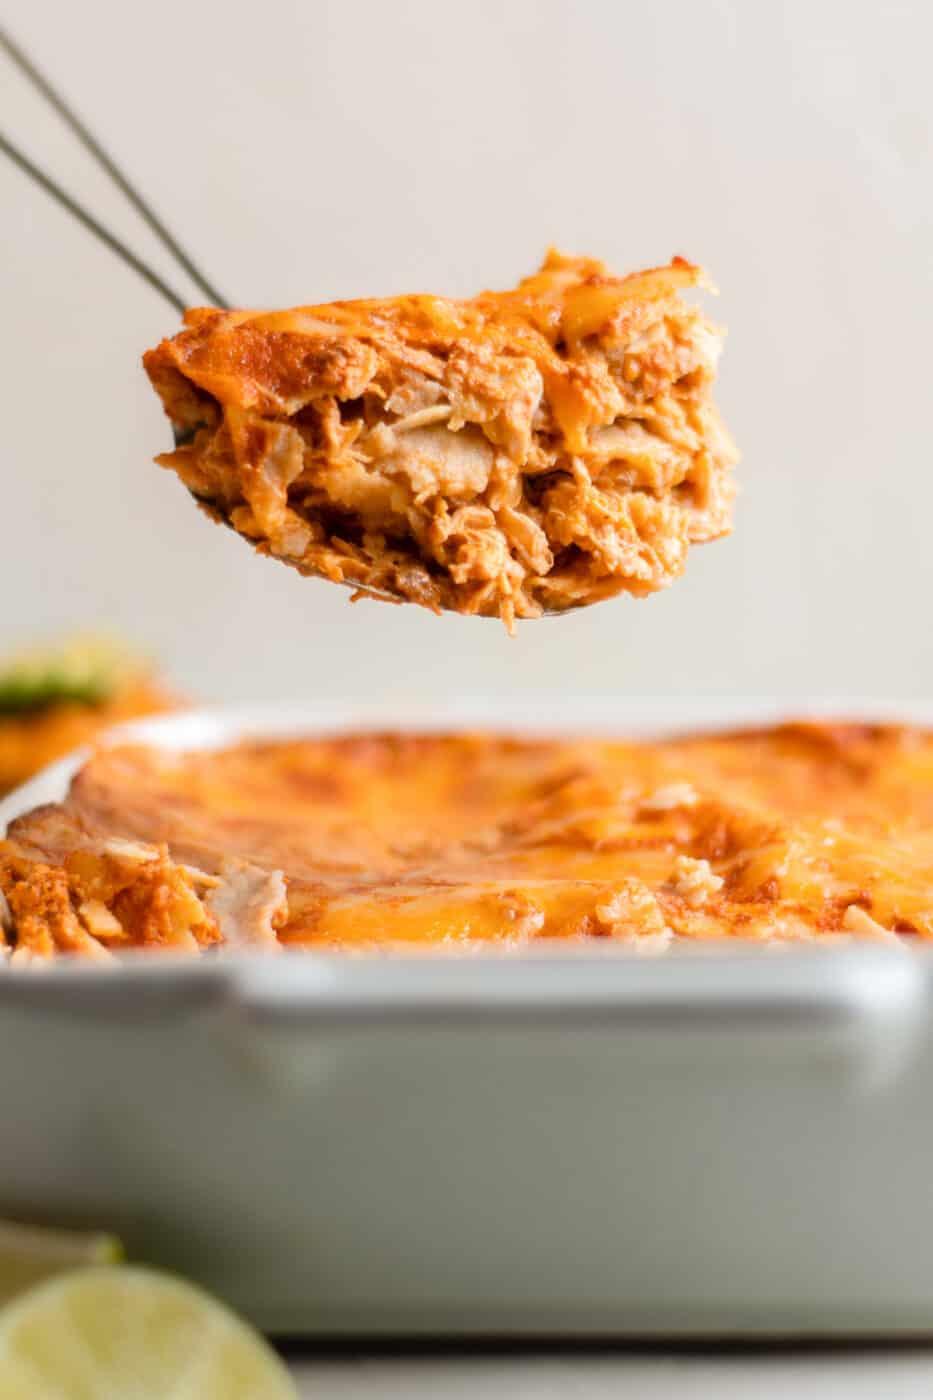 lifting up slice of enchilada casserole